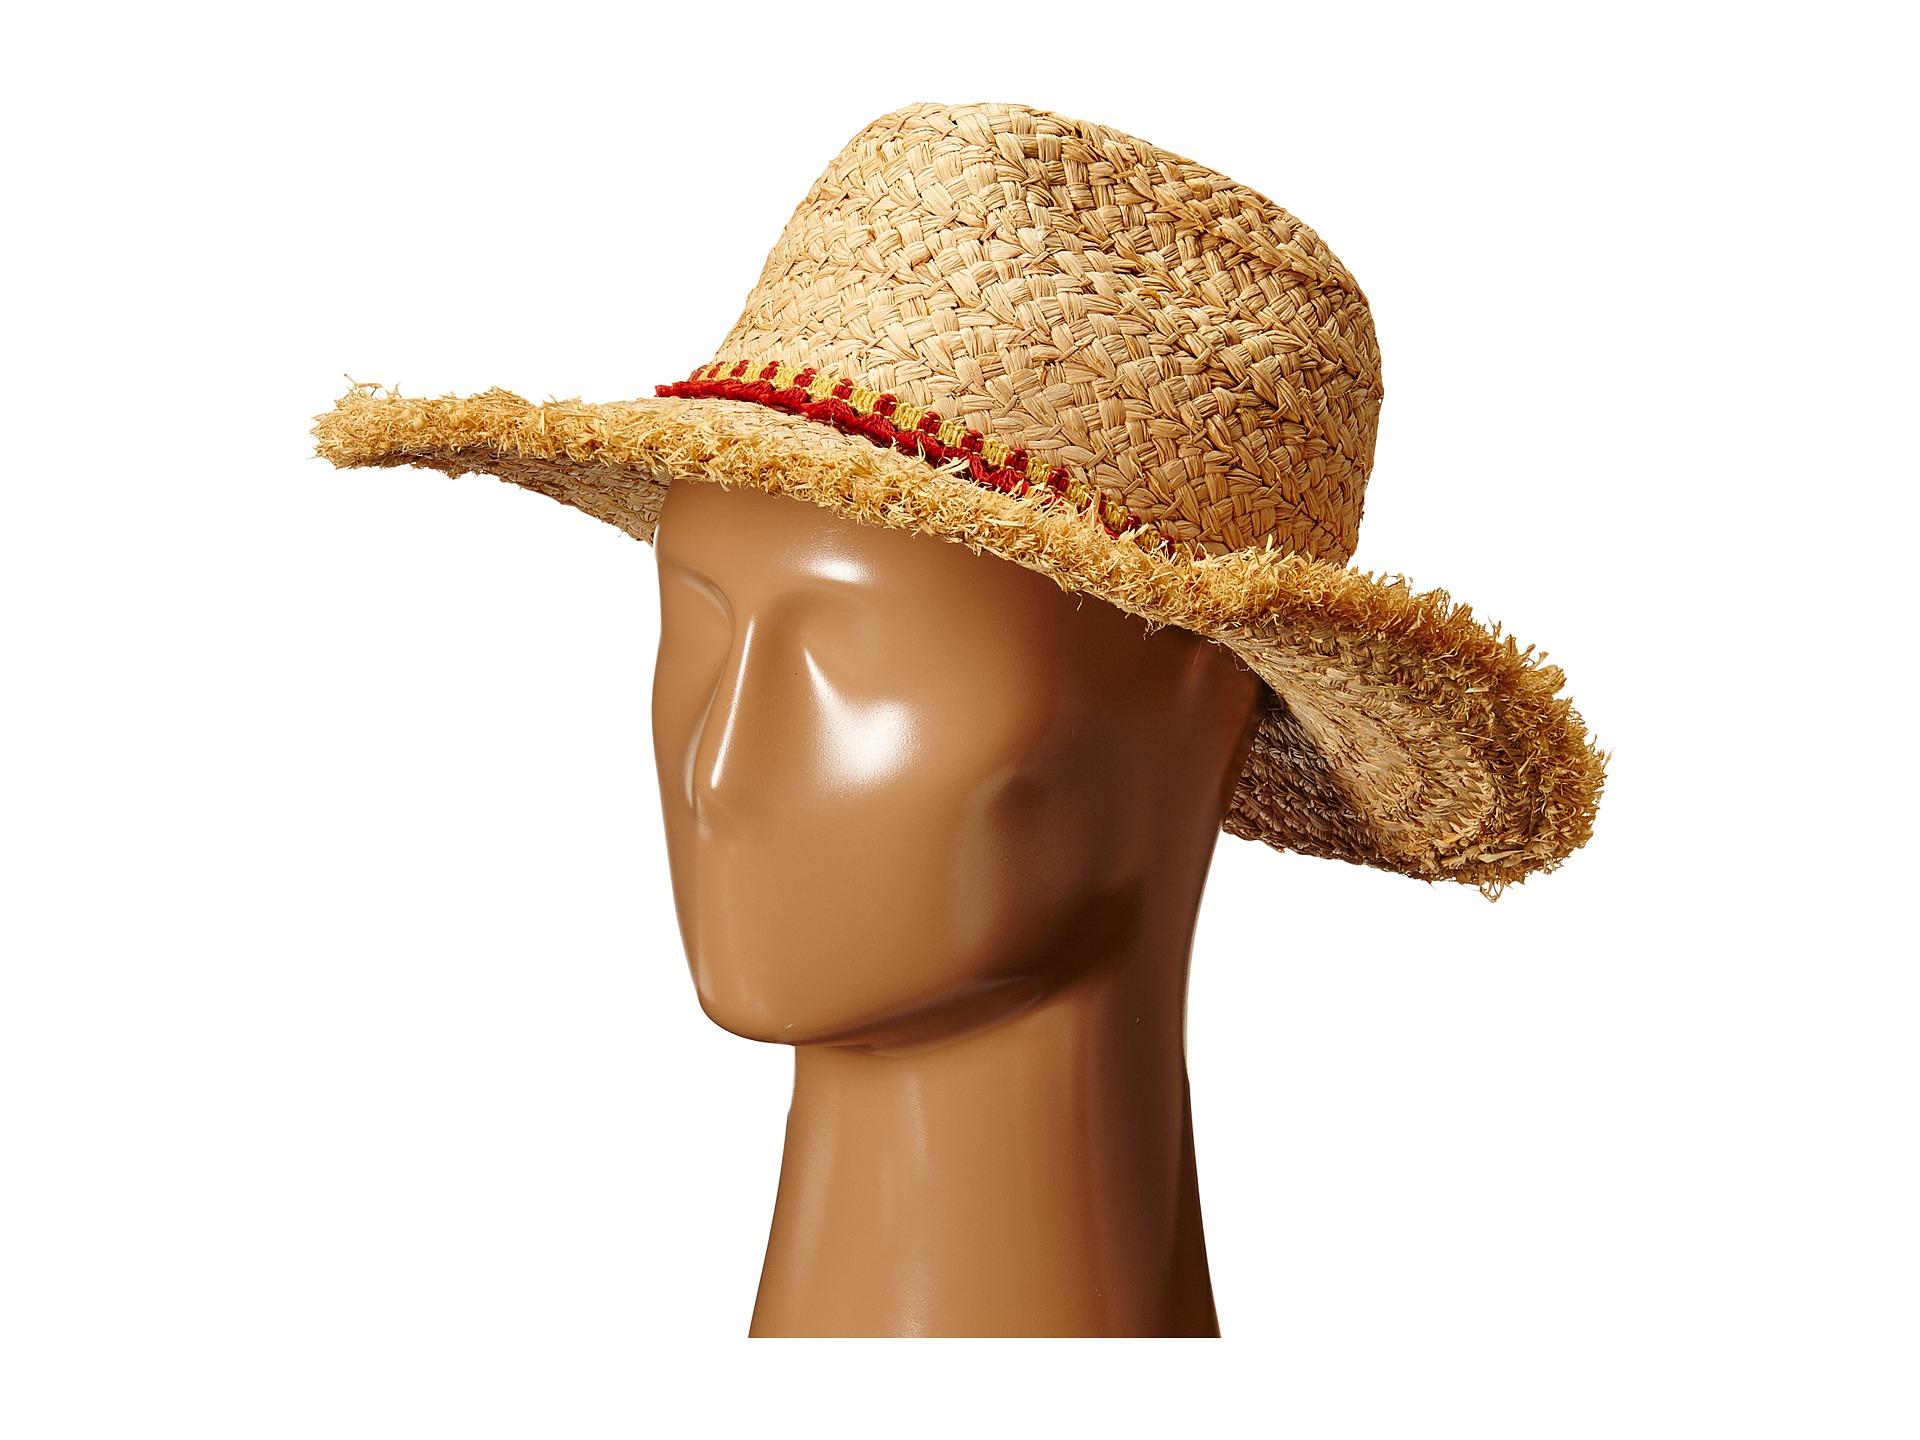 60952cefff2 Lyst - Hat Attack Thick Raffia Braid Fringed Sunhat With Tassel Trim ...